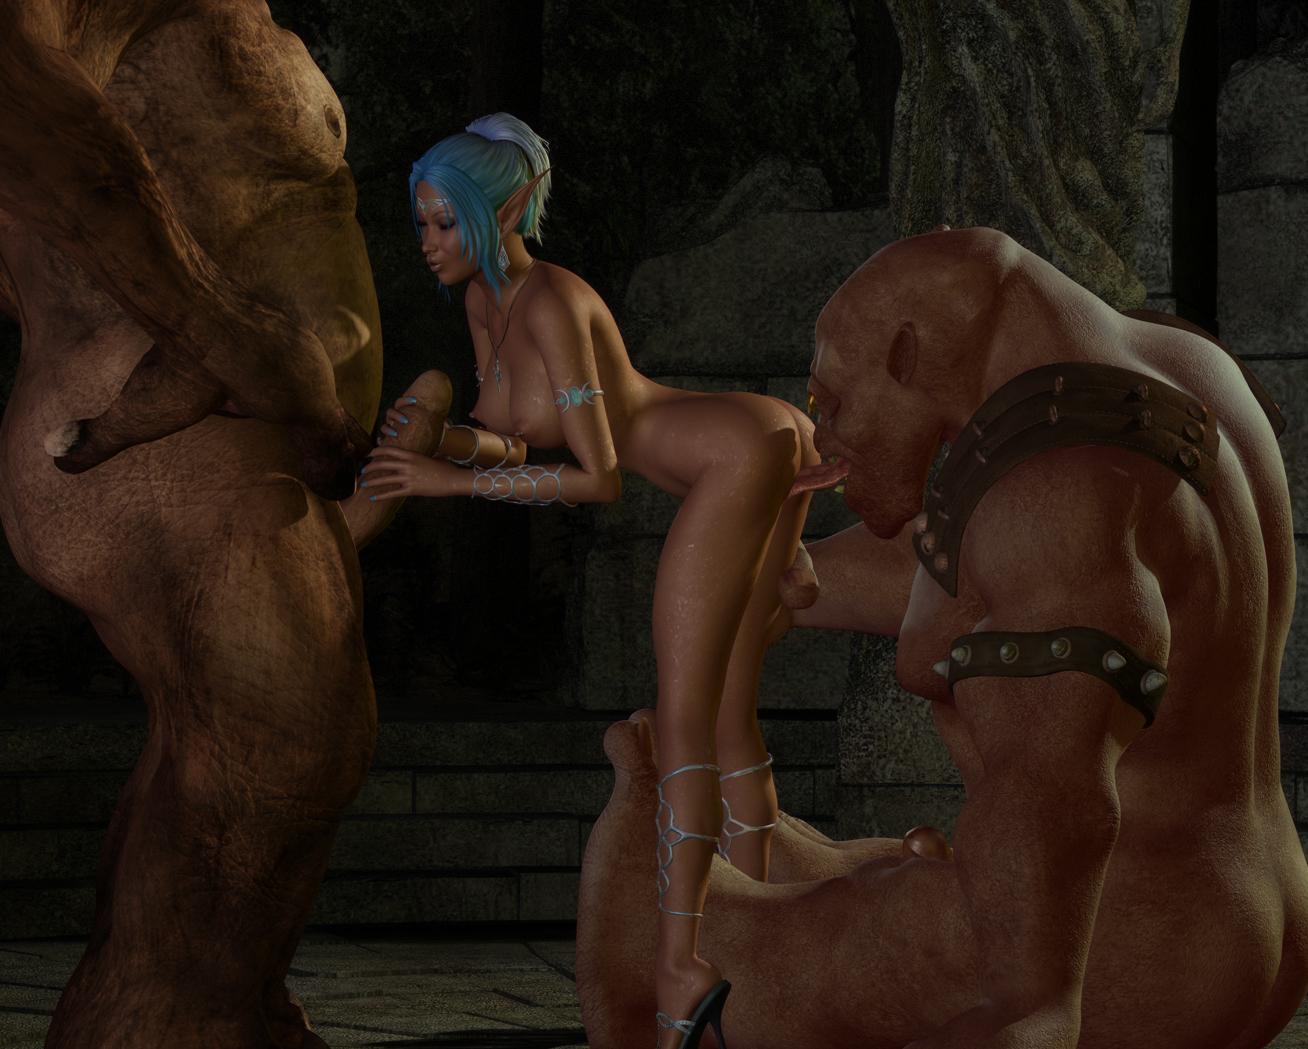 Elf gir sex hentay sexi girls